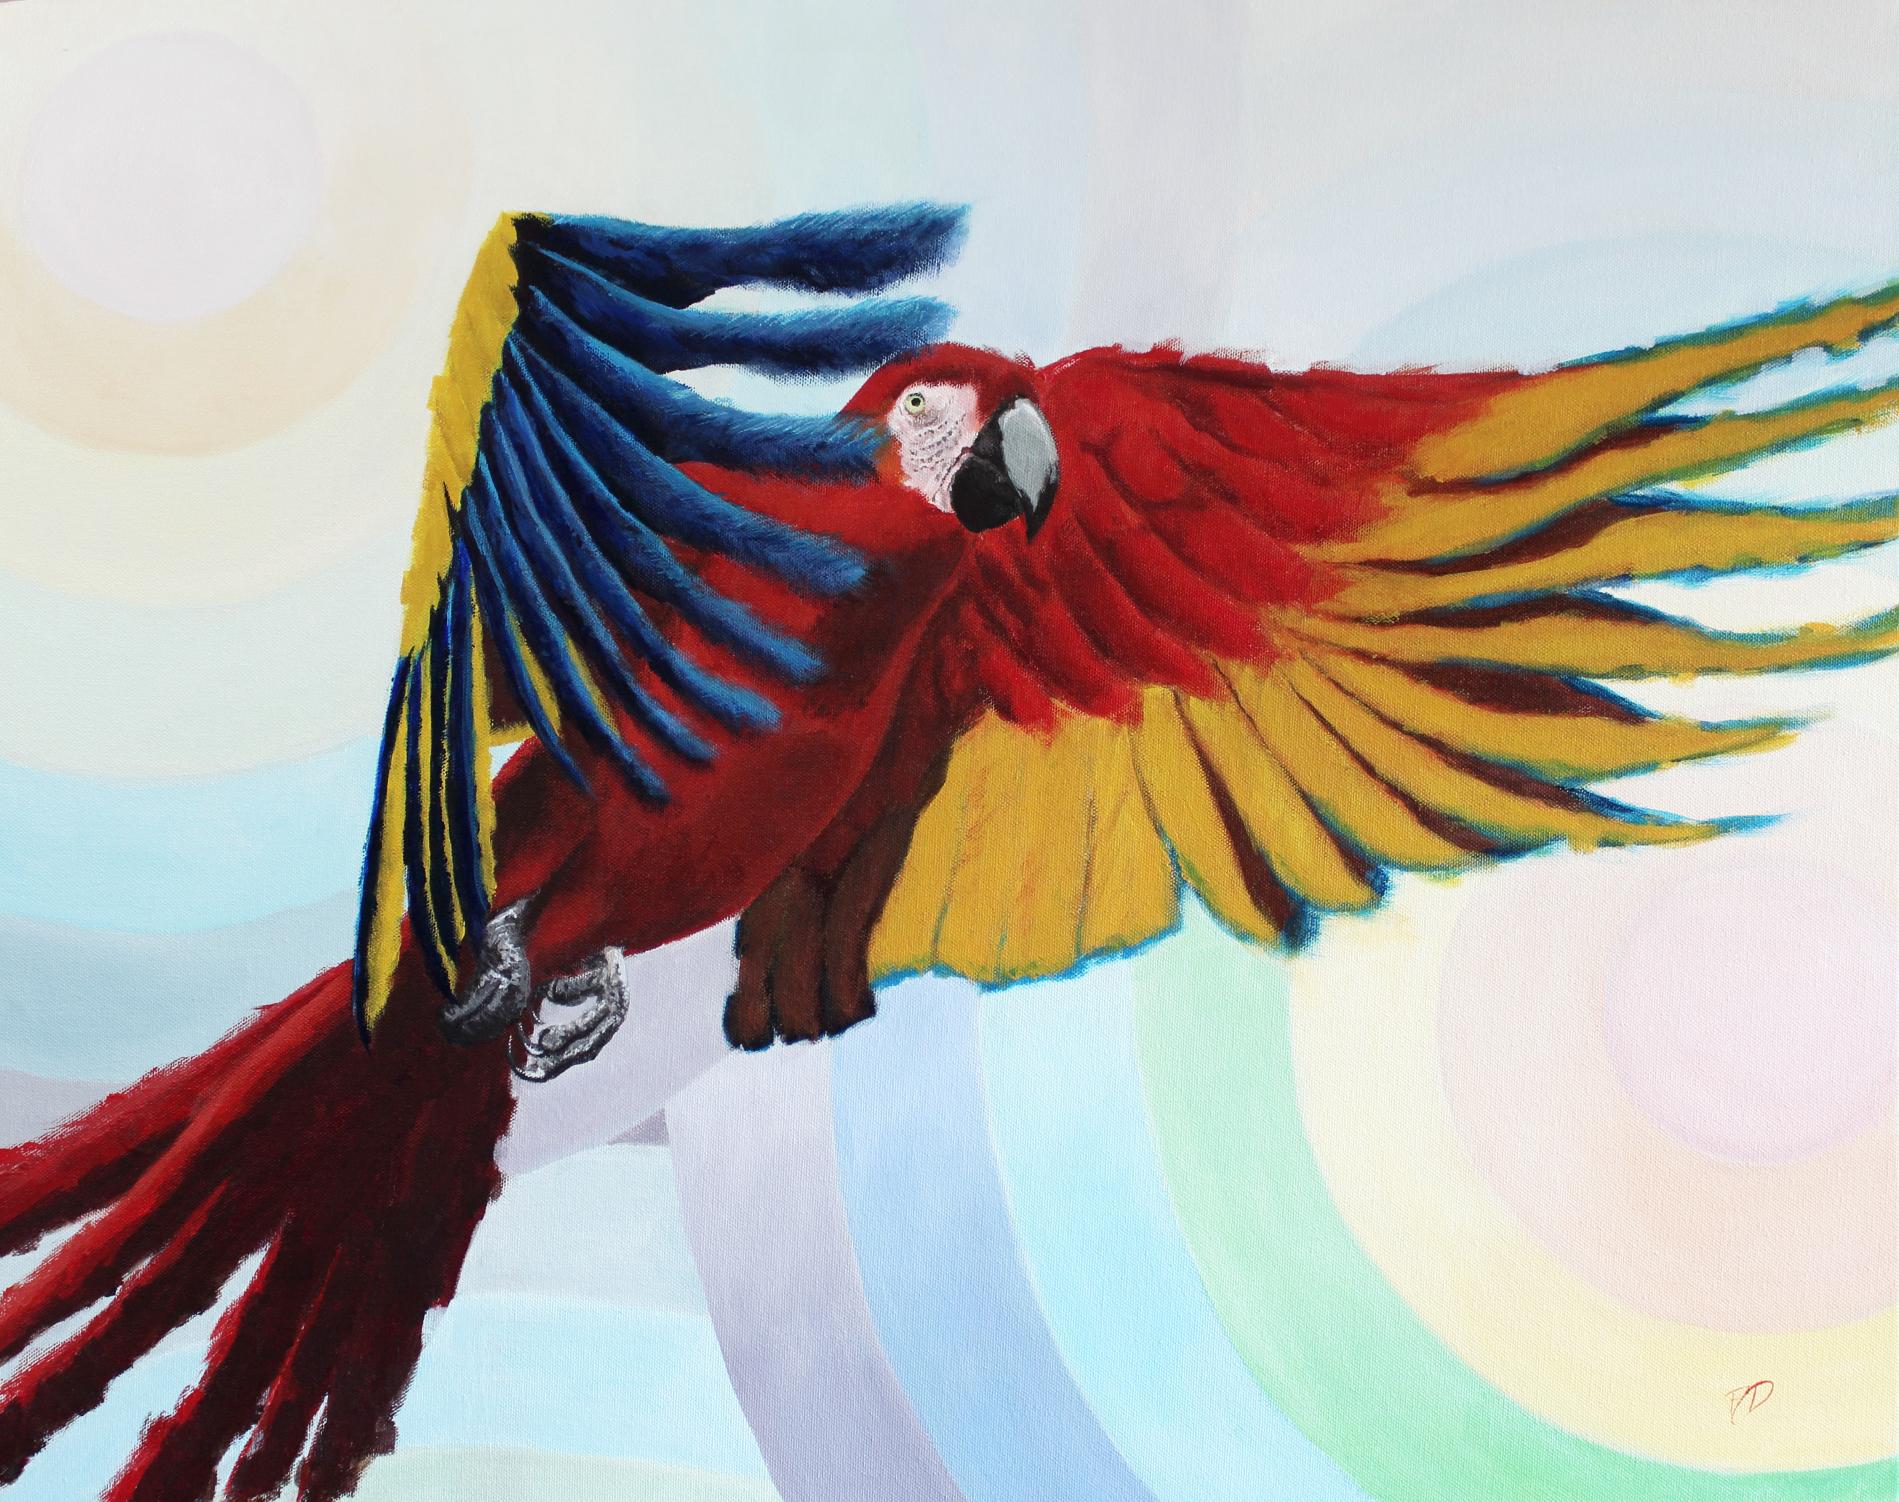 Cumbrian Macaw